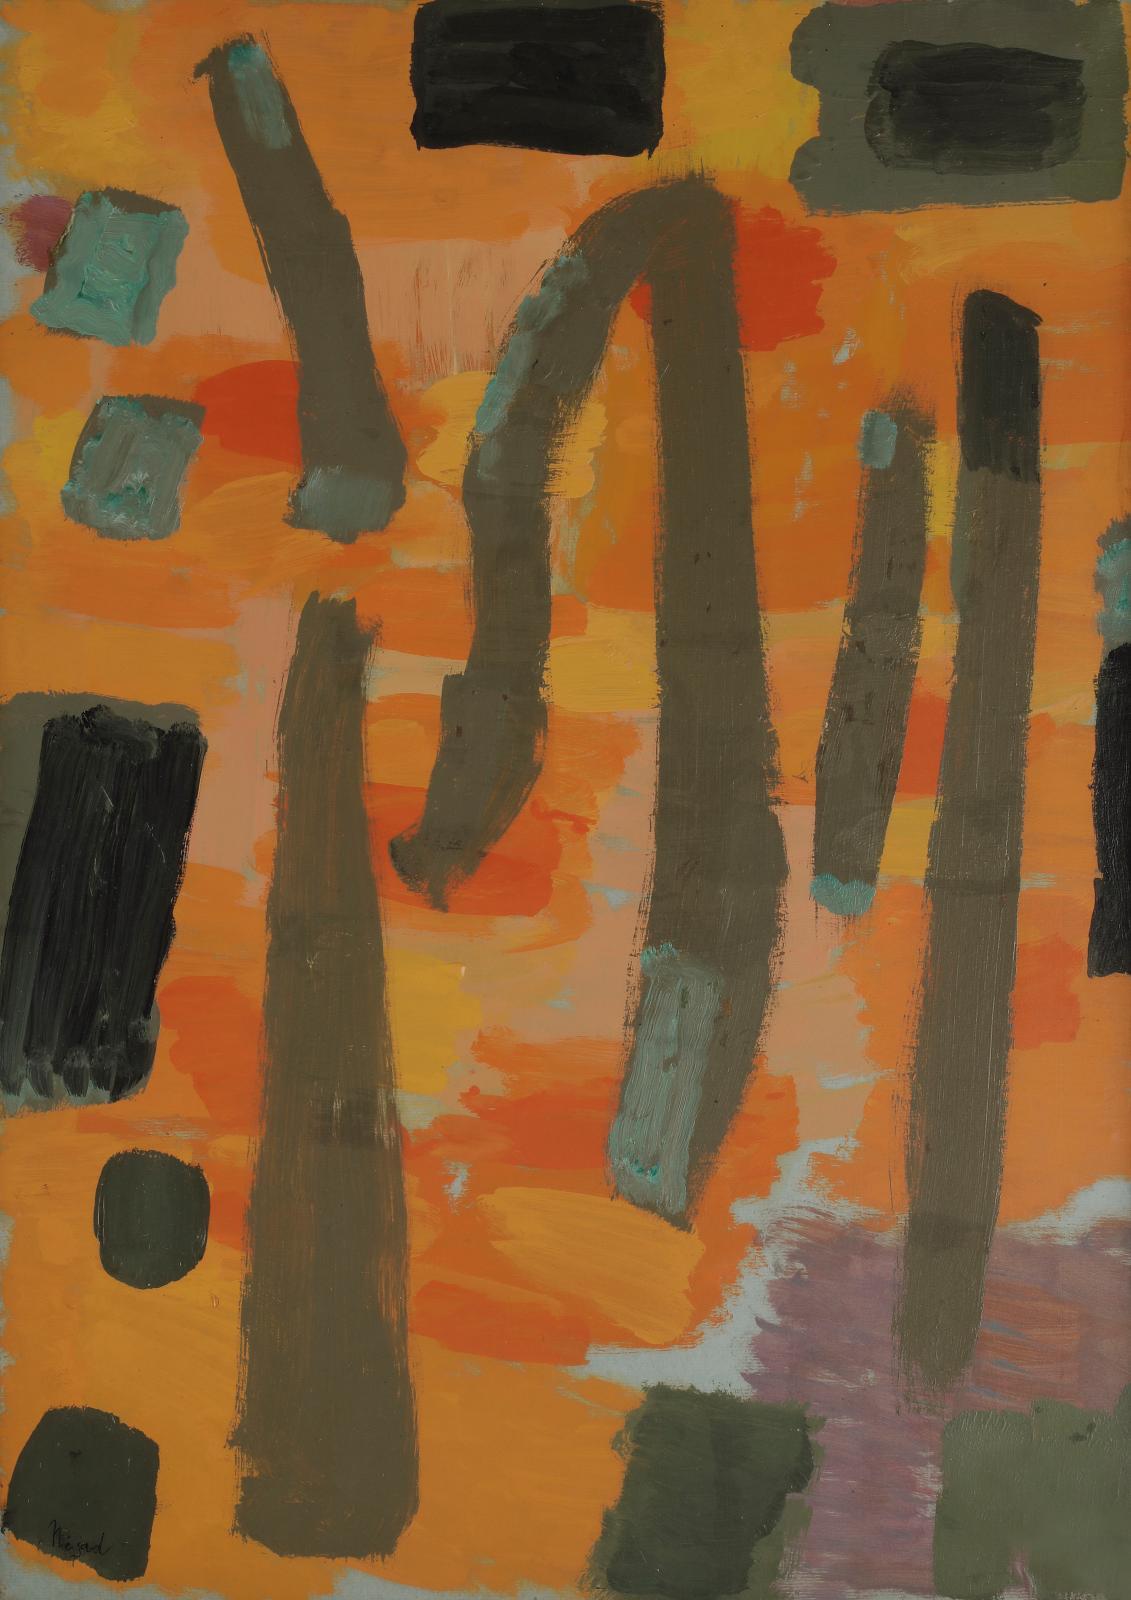 Nejad Devrim (1923-1995), Composition, huile sur toile, 65x46cm. Paris, 30 octobre 2020. Live à huis clos. Ader OVV. Adjugé: 7680€